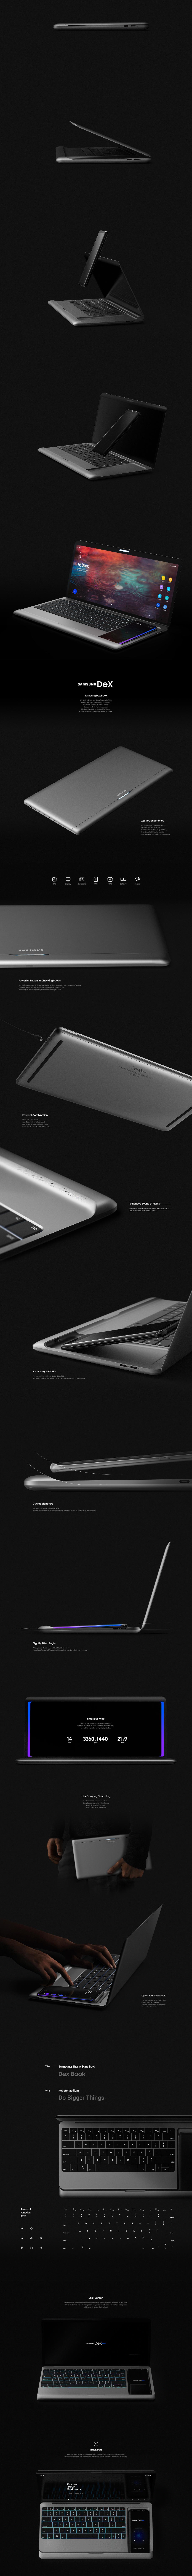 Industrial Design,UI/UX,Interaction Design